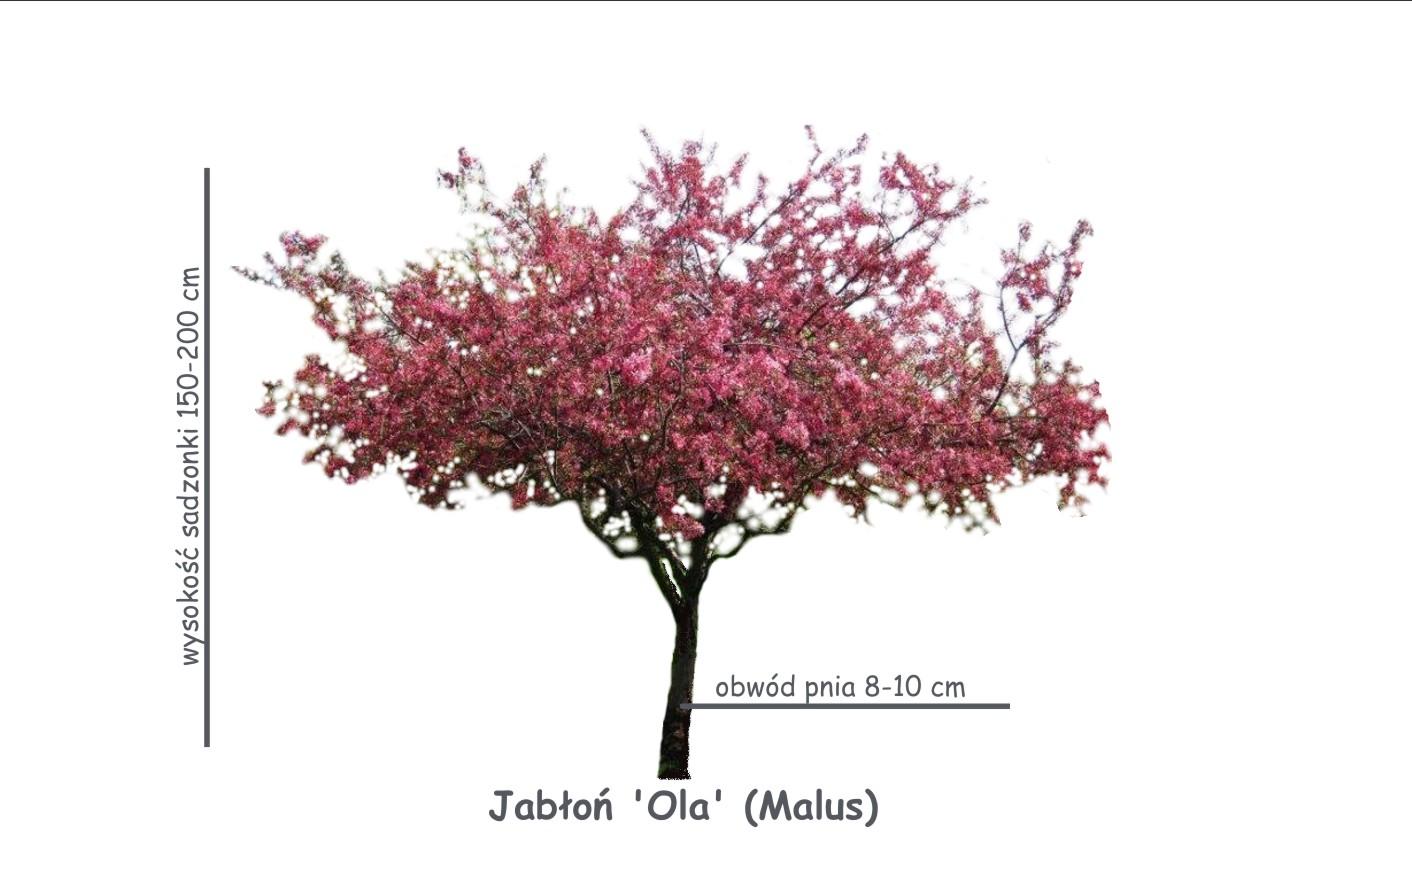 Jabłoń 'Ola' (Malus) sadzonka o obwodzie 8-10 cm, wys. 150-200 cm.